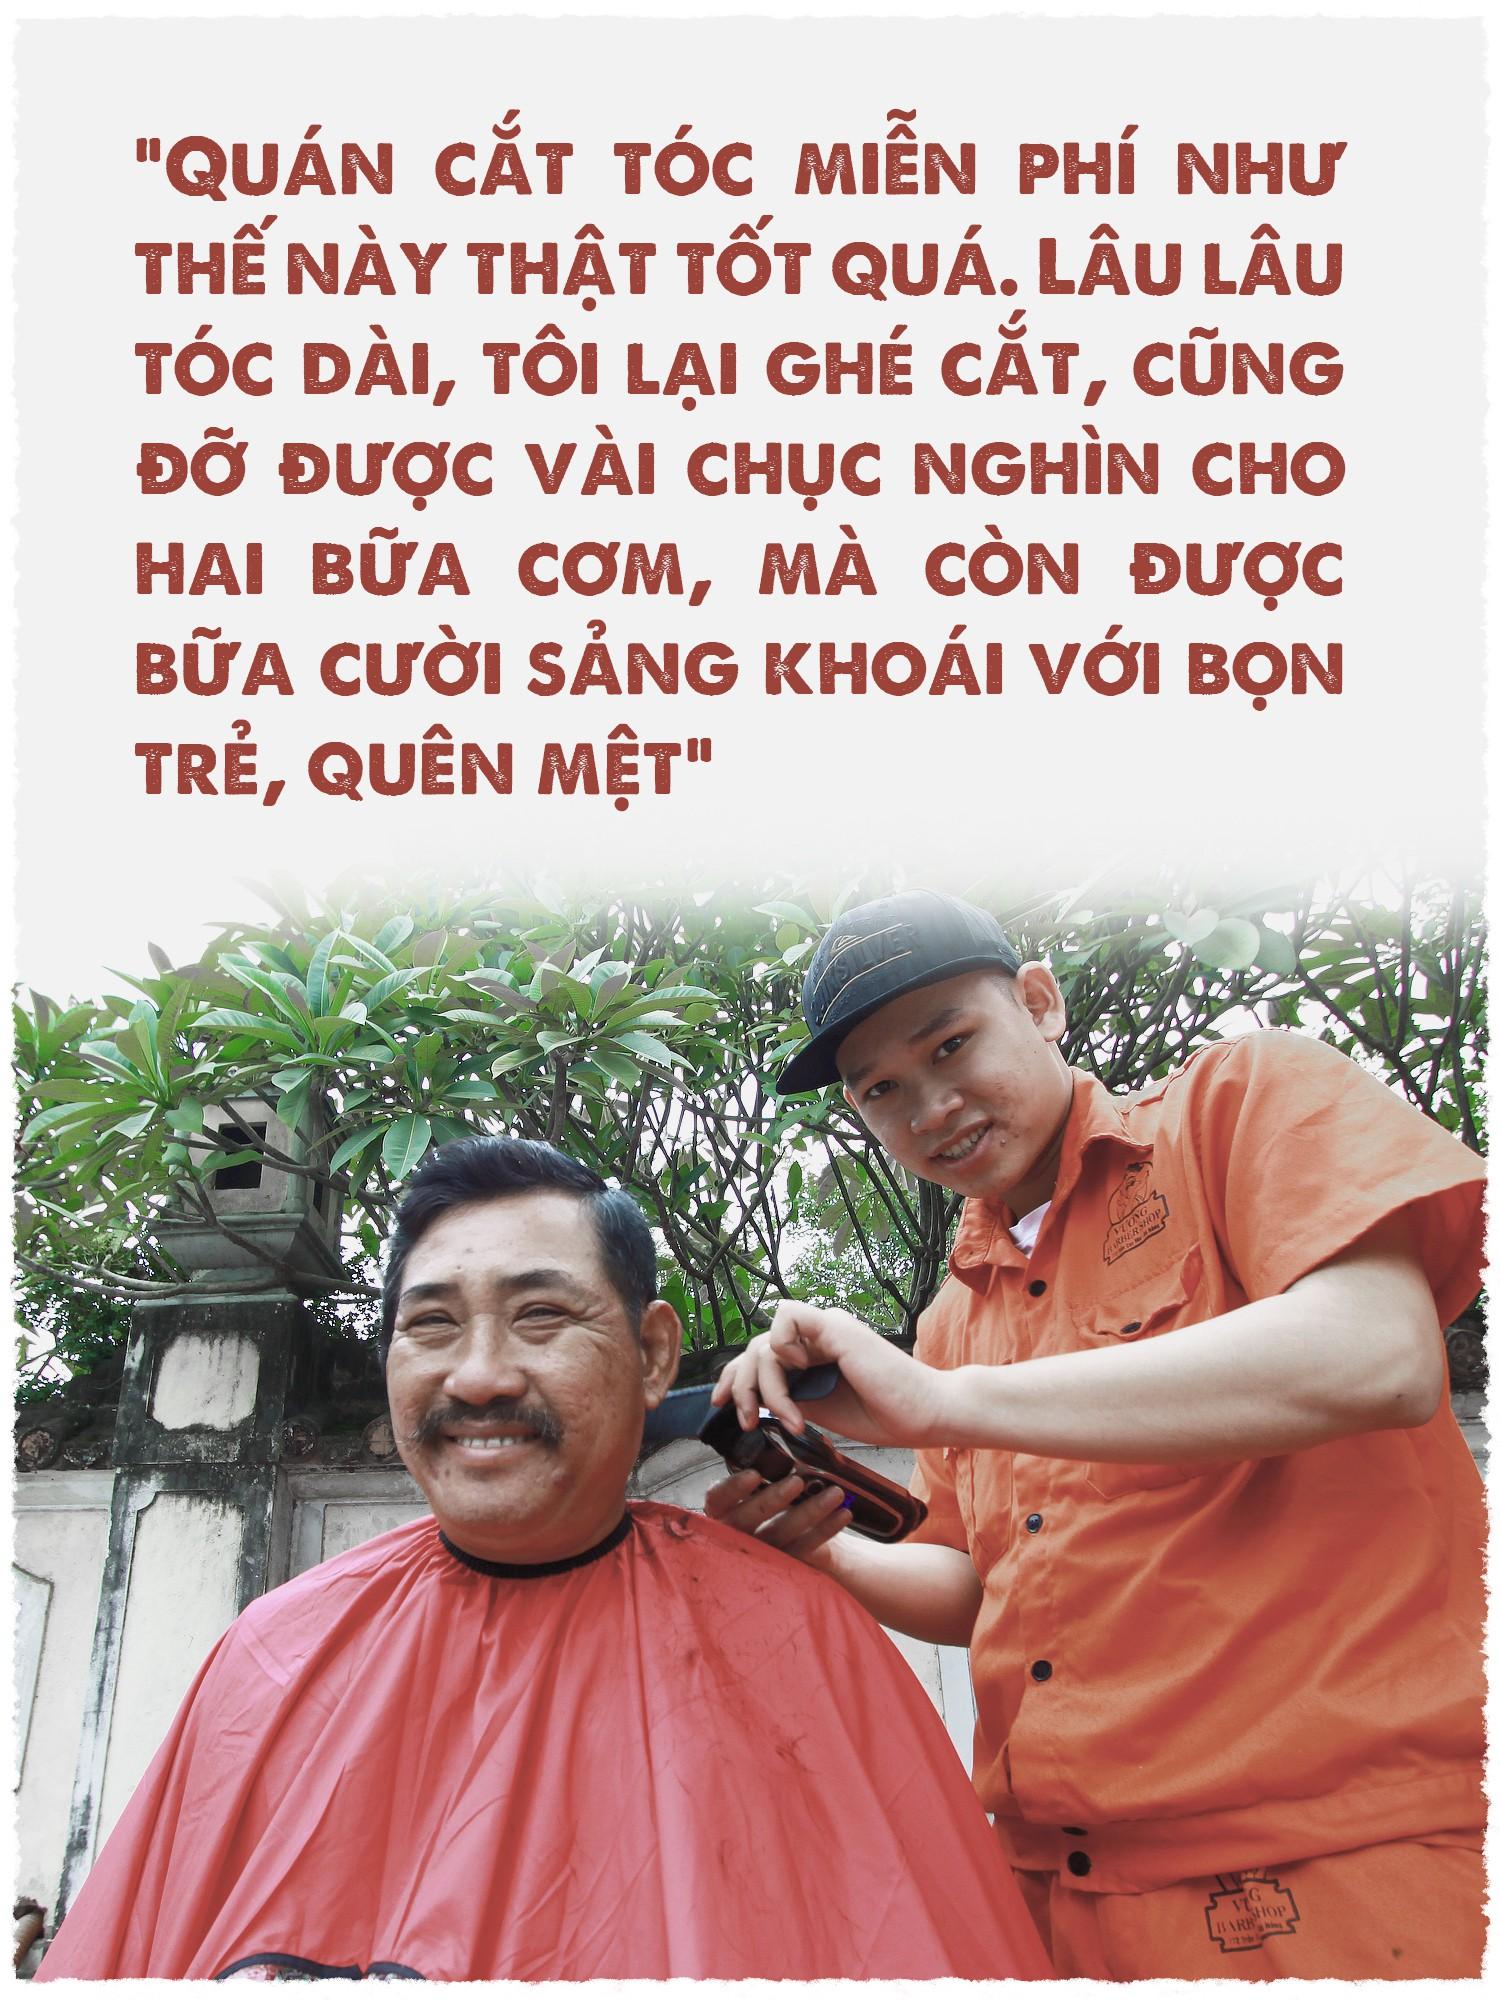 Cắt tóc đổi nụ cười trên vỉa hè Đà Nẵng - Ảnh 6.